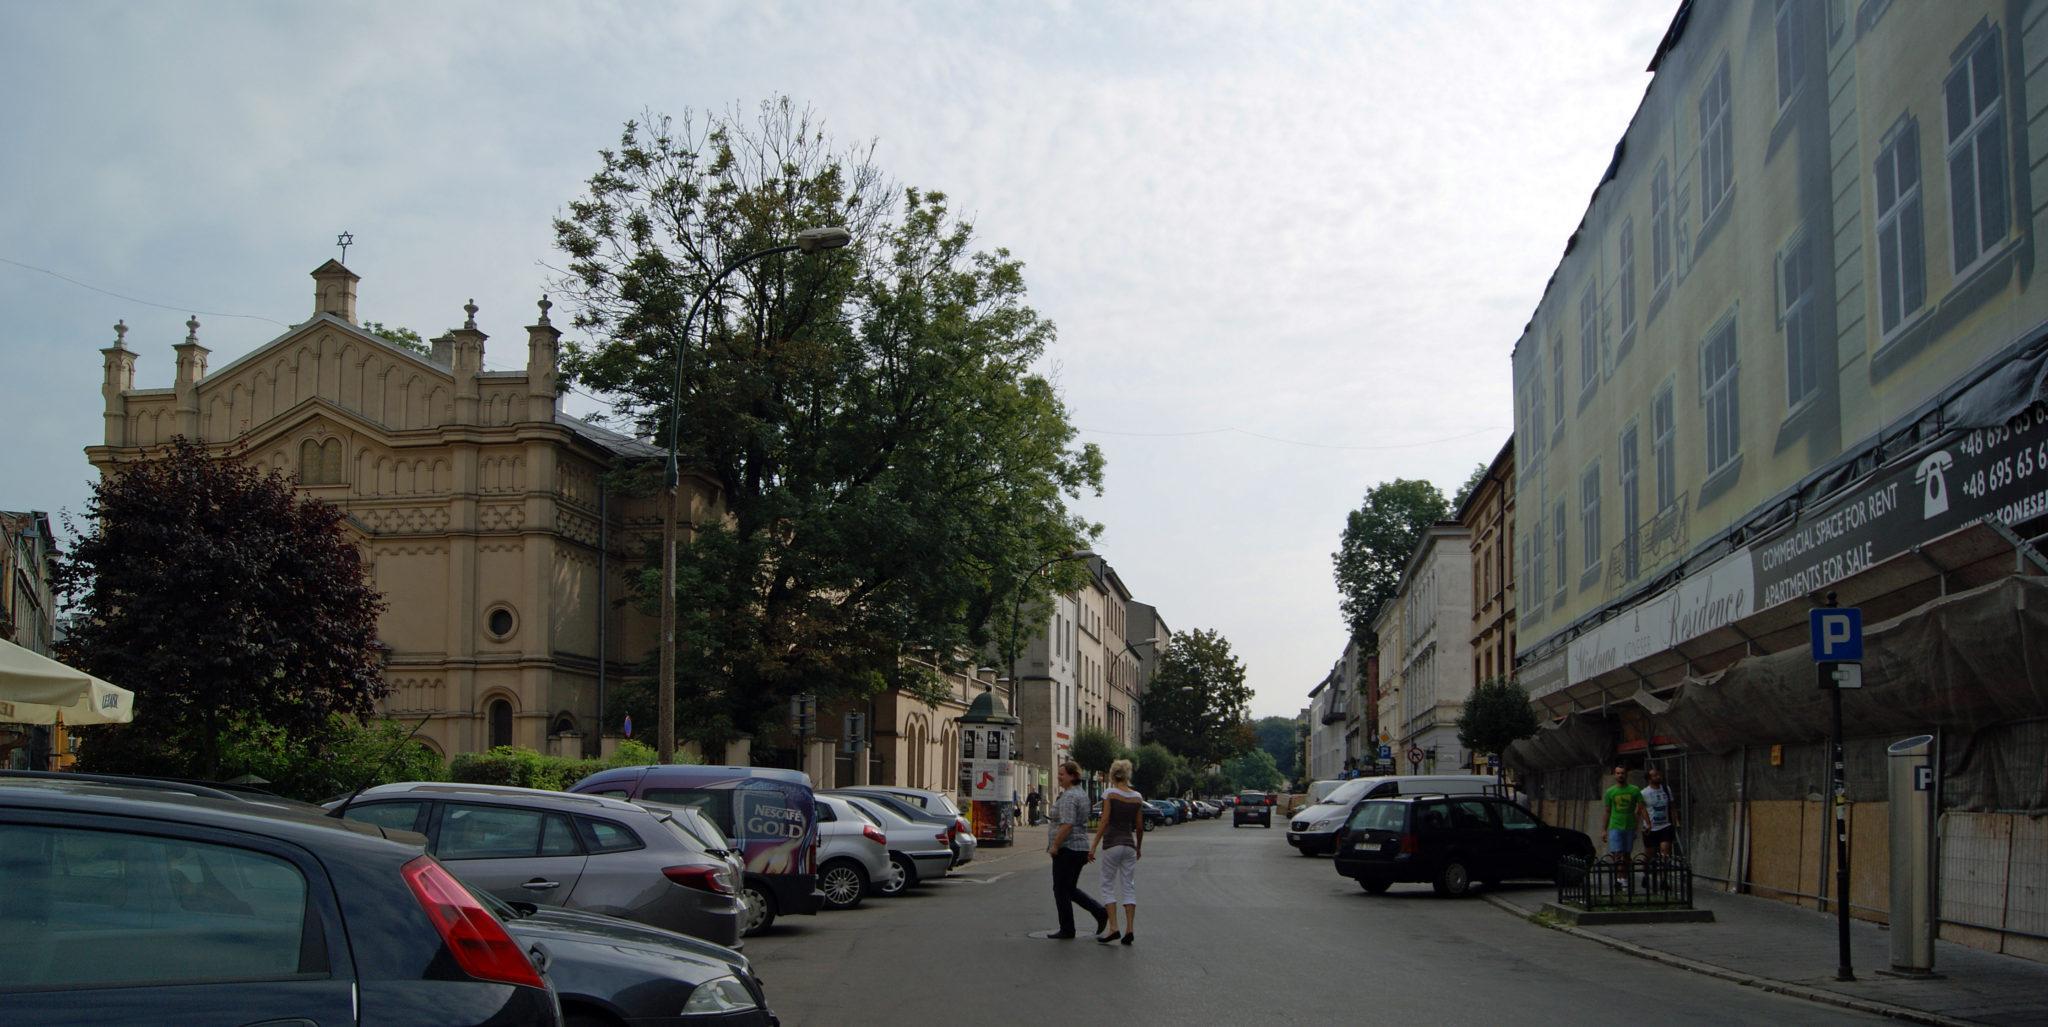 ul. Miodowa in Krakow's Kazimierz